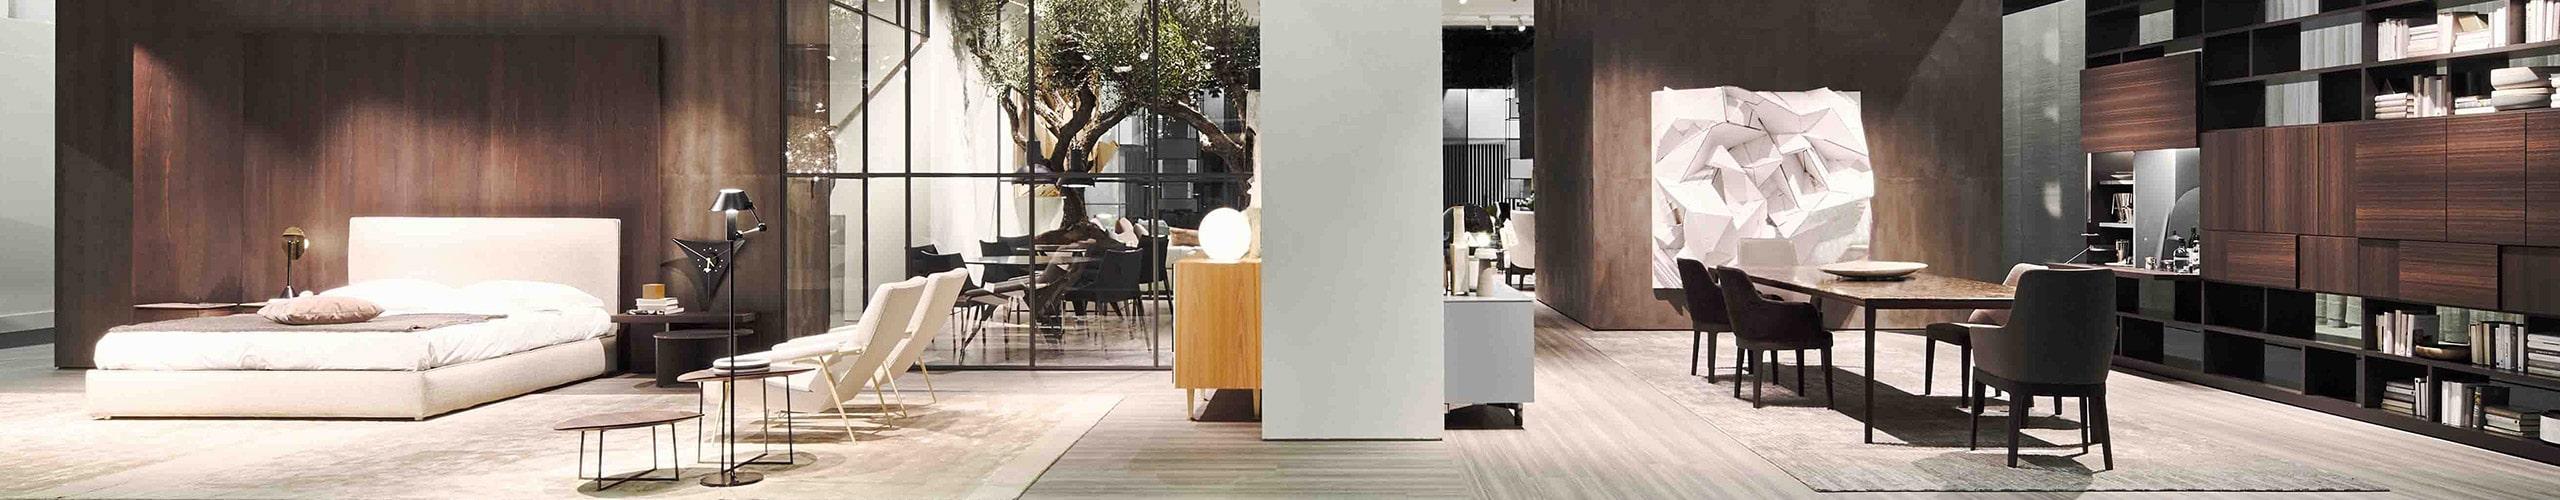 panche-interior-design-arte-lusso-lecce-brindisi-taranto